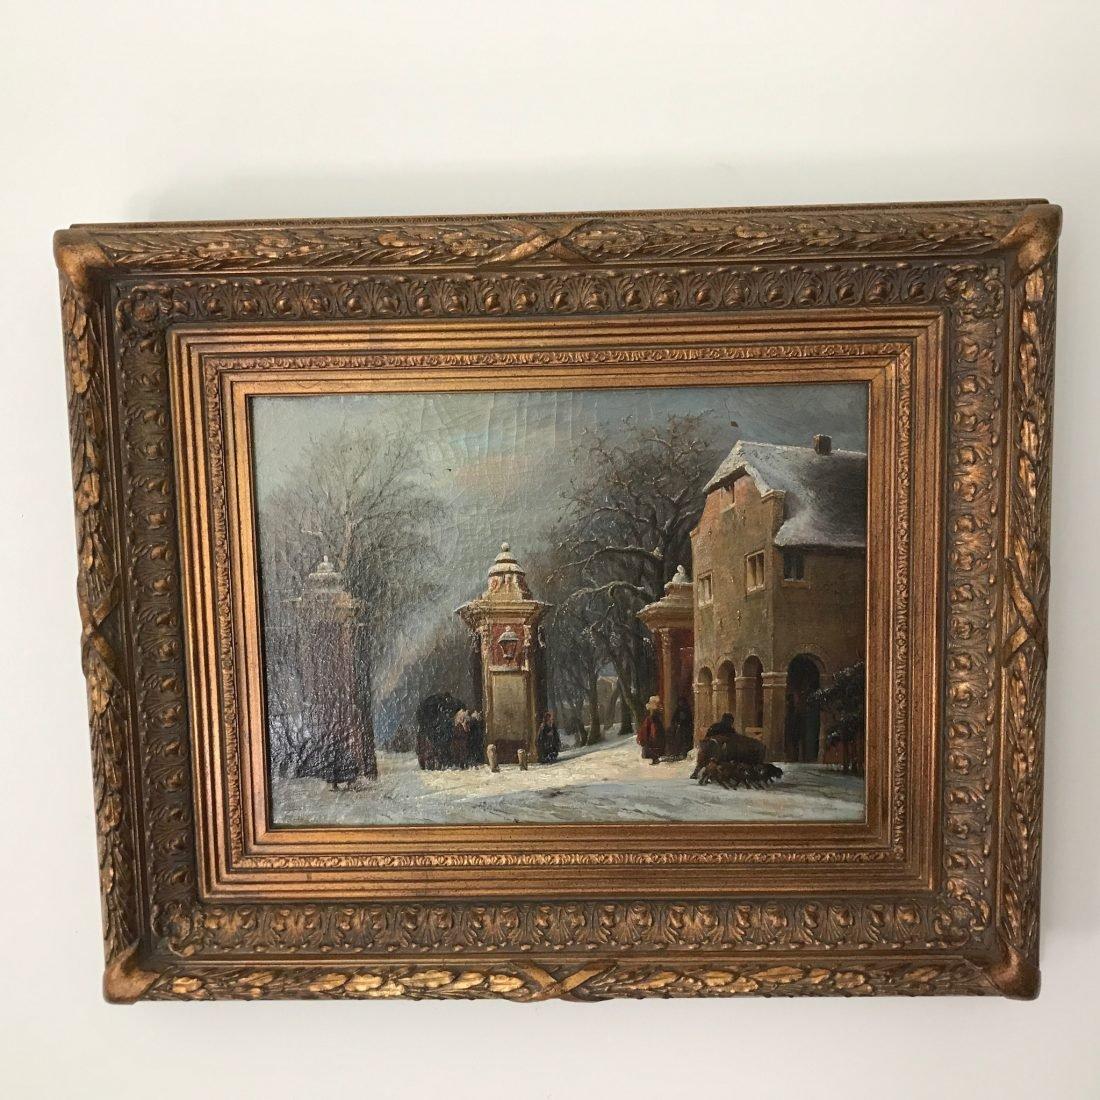 Leonardus Johannes Senf, Oude Tolhuis, Den Haag, 1889, olieverf op doek